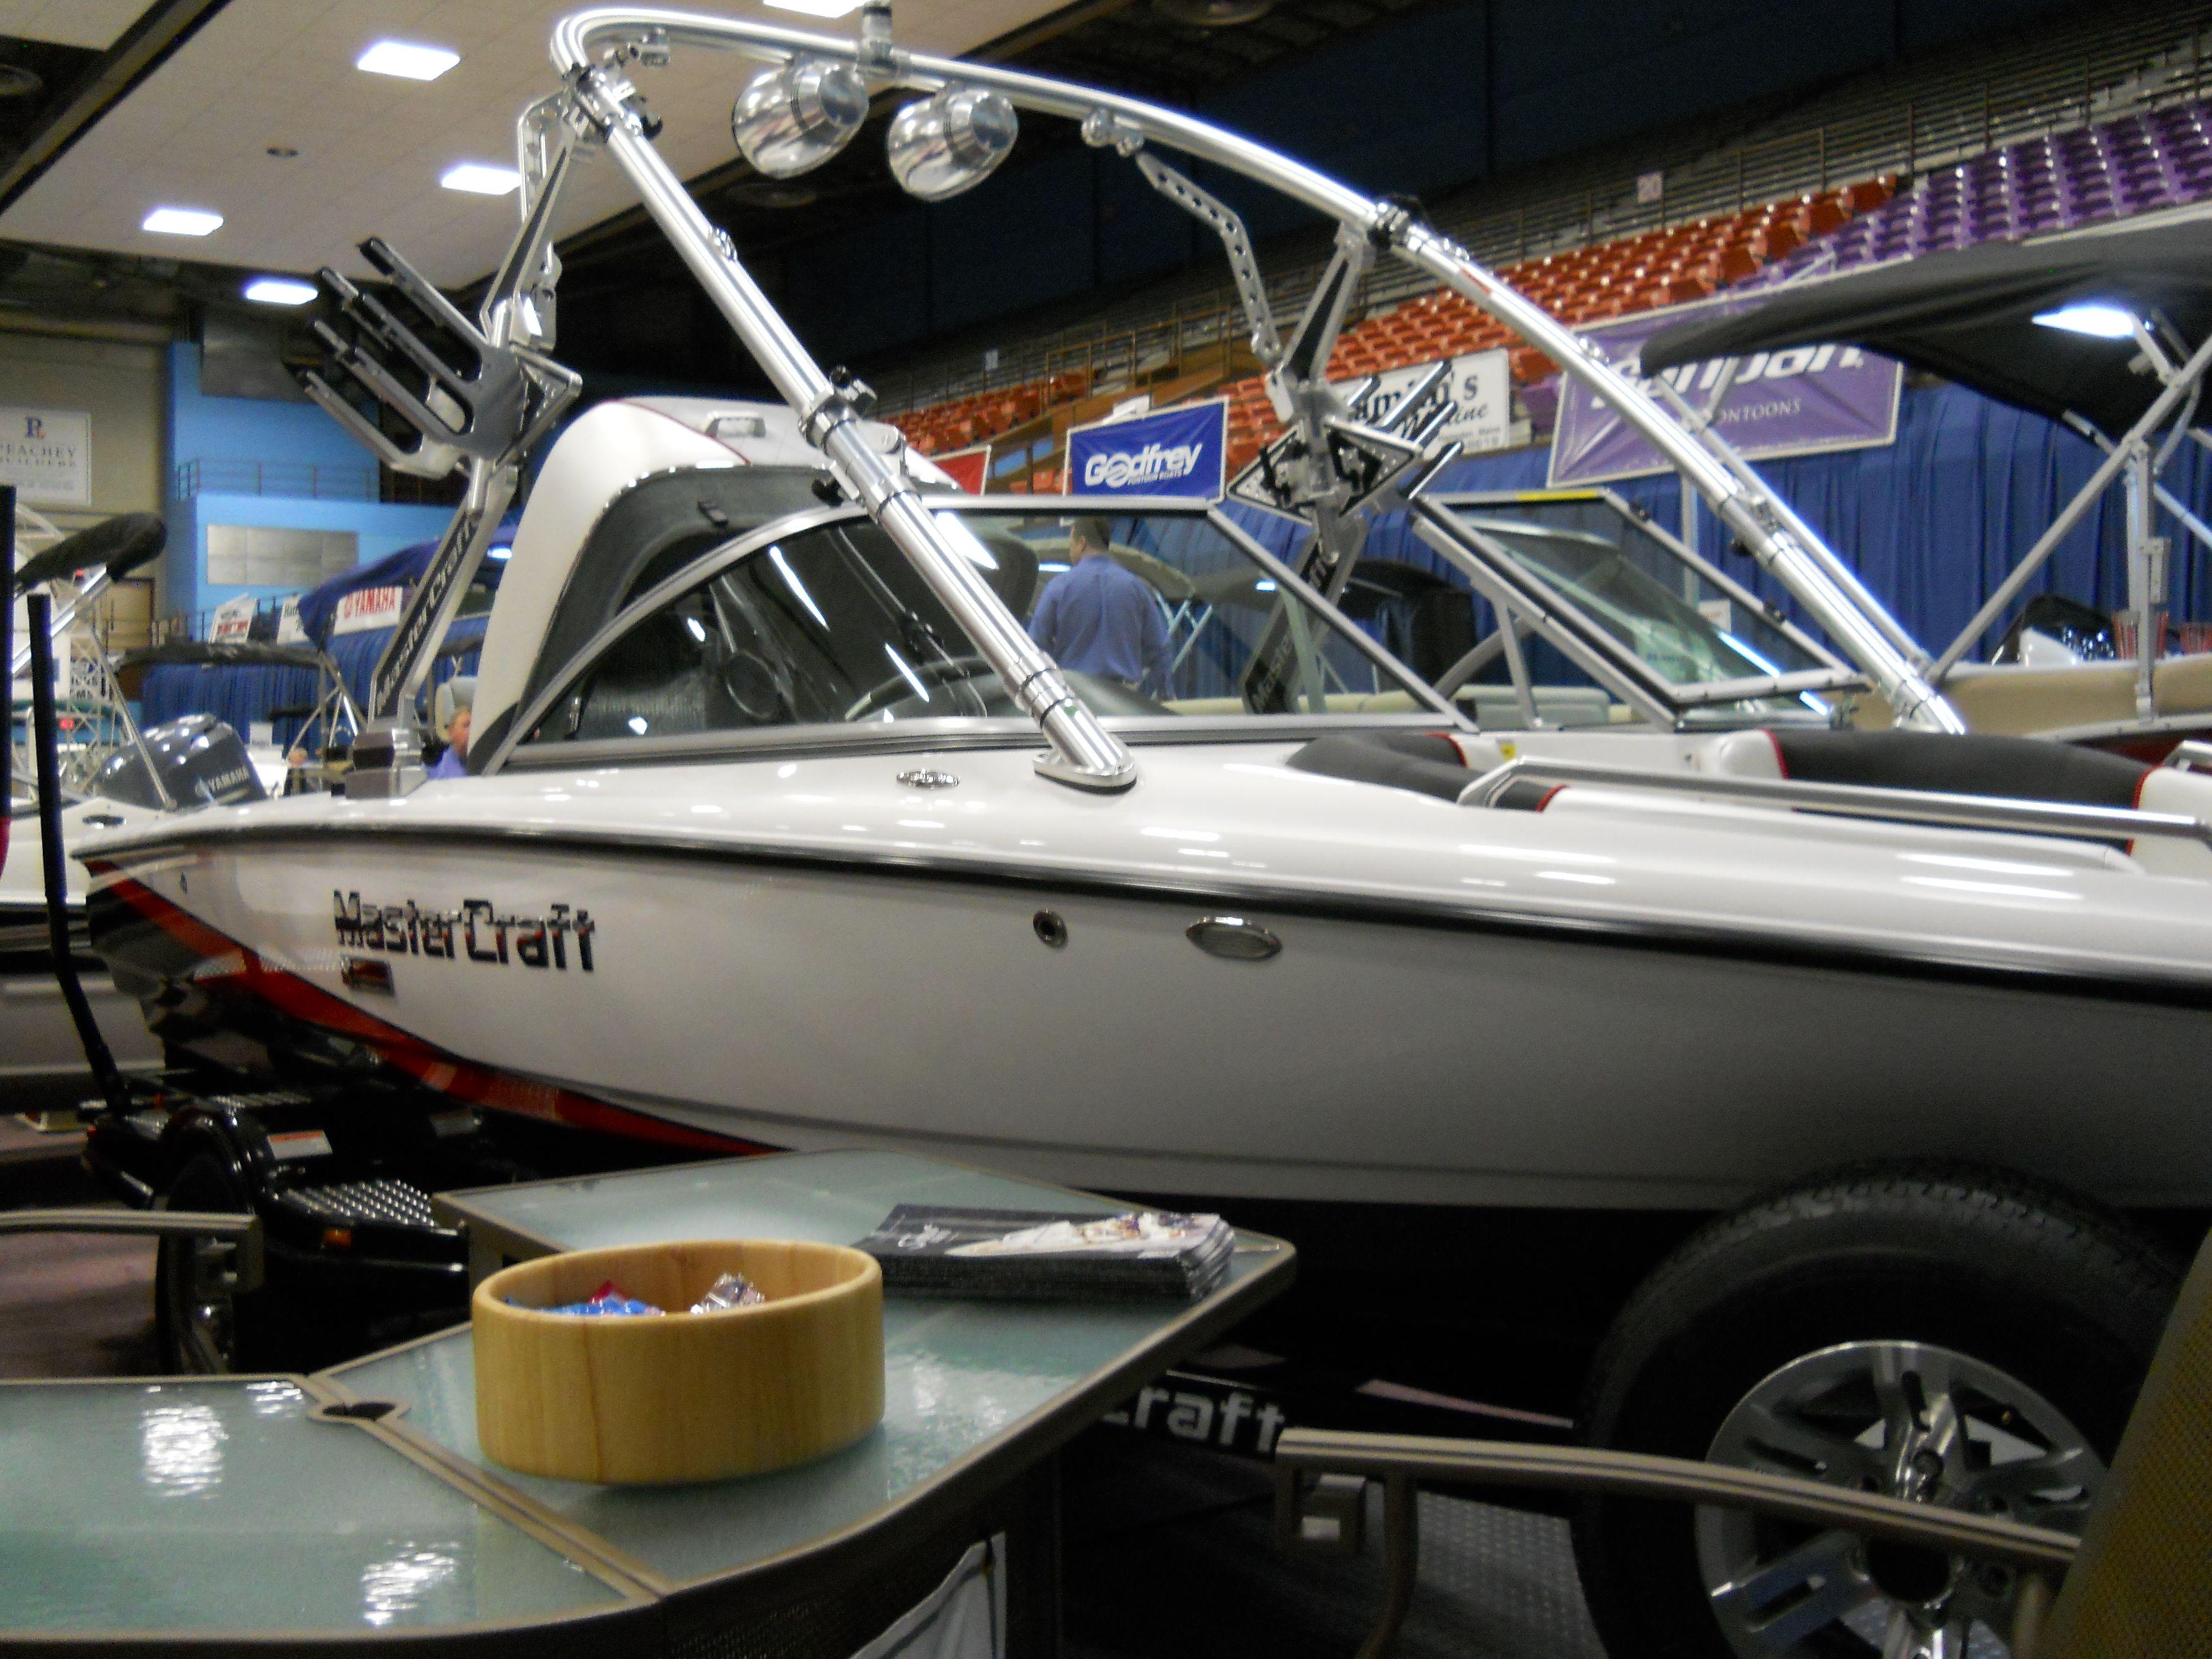 Ski Boat Brands Starting With C